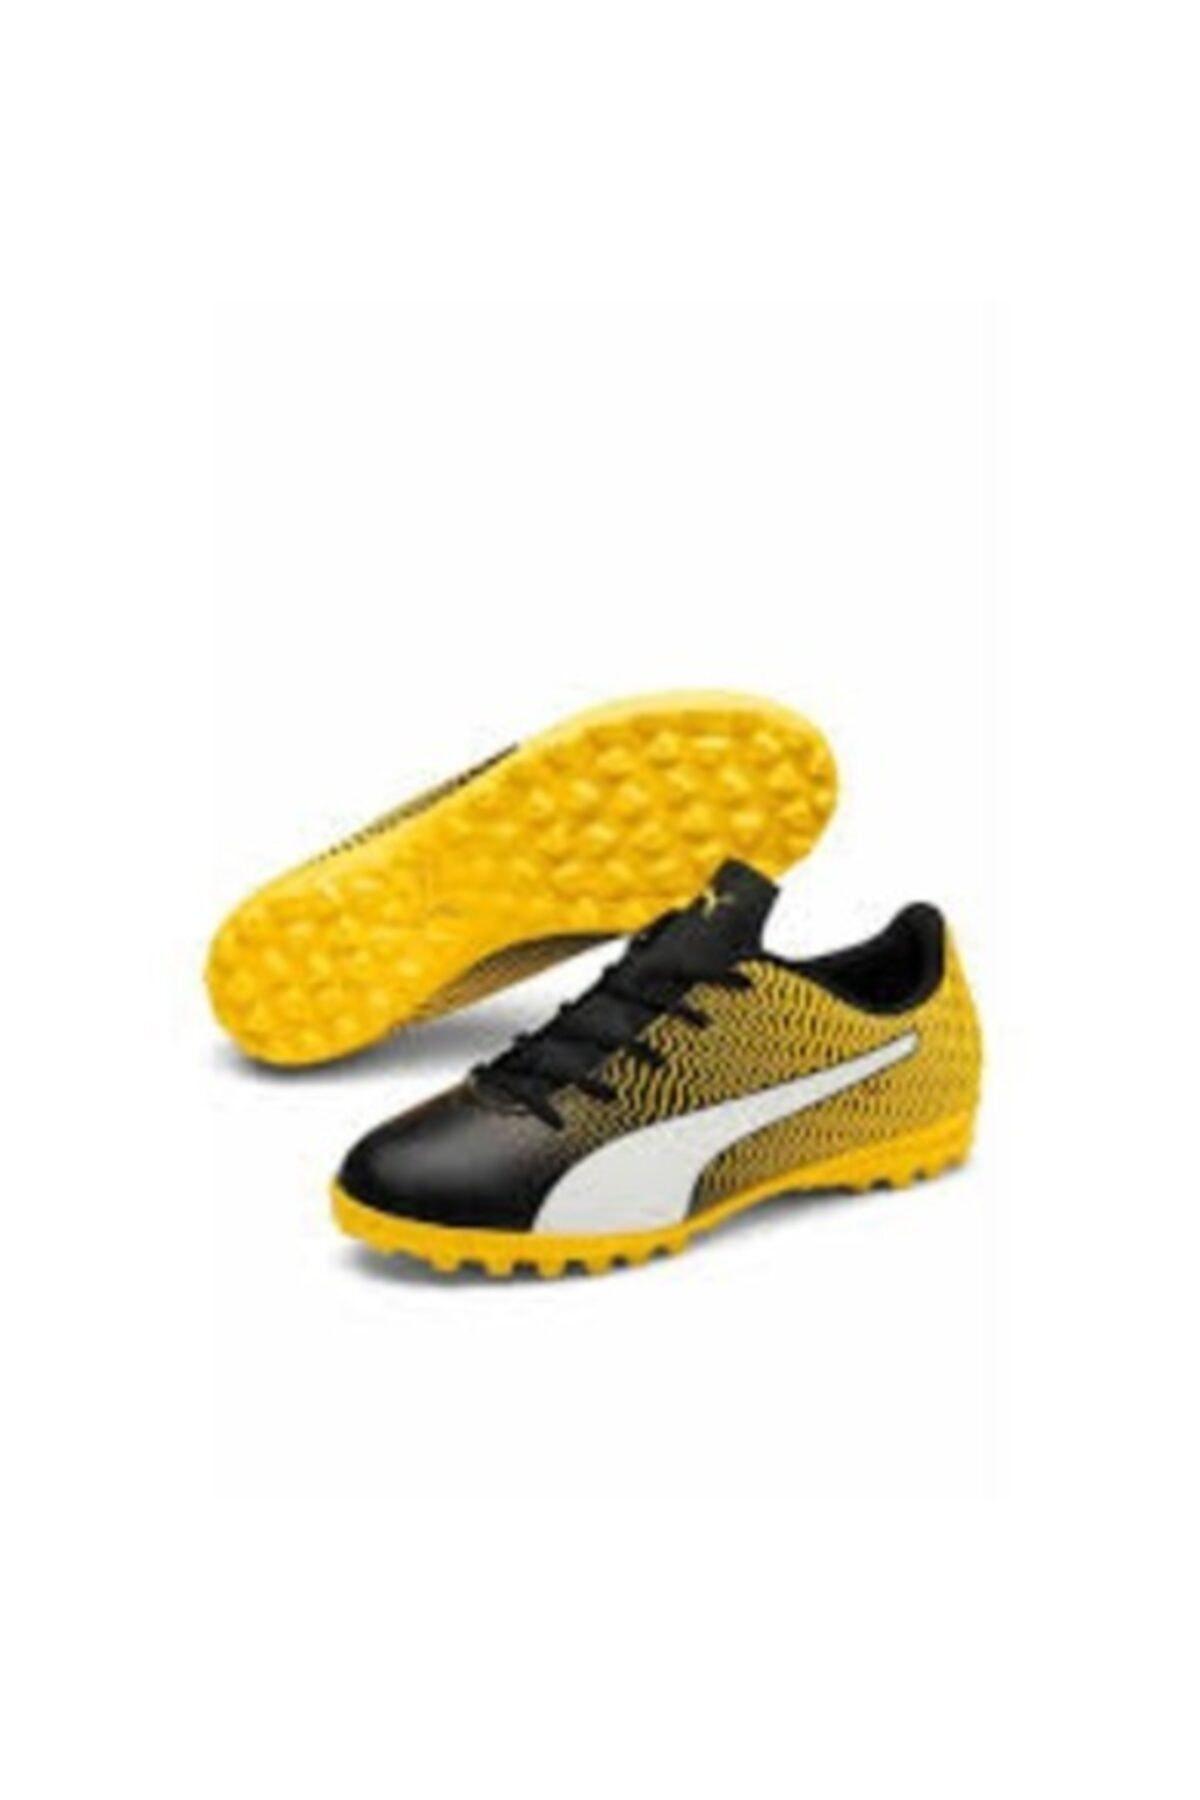 Puma Erkek Çocuk Sarı  Rapido Iı Tt Jr Halı Saha Spor Ayakkabı 1